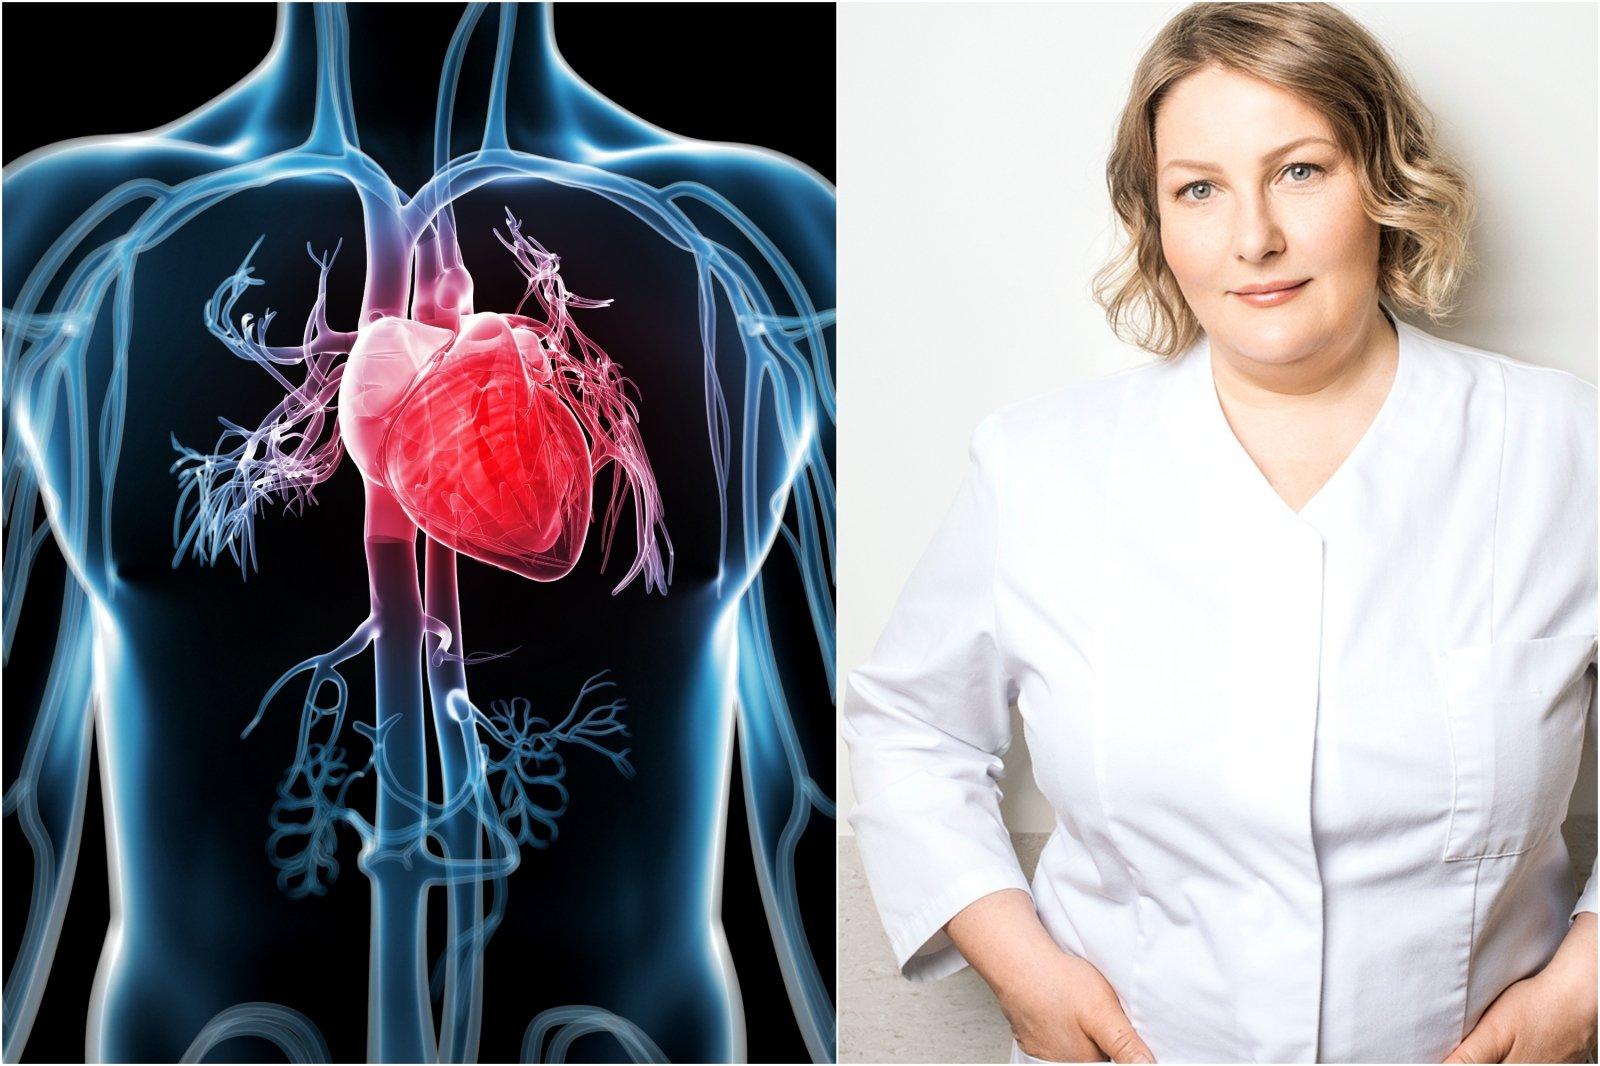 5 didžiausios širdininkų klaidos – gali kainuoti net gyvybę | taf.lt